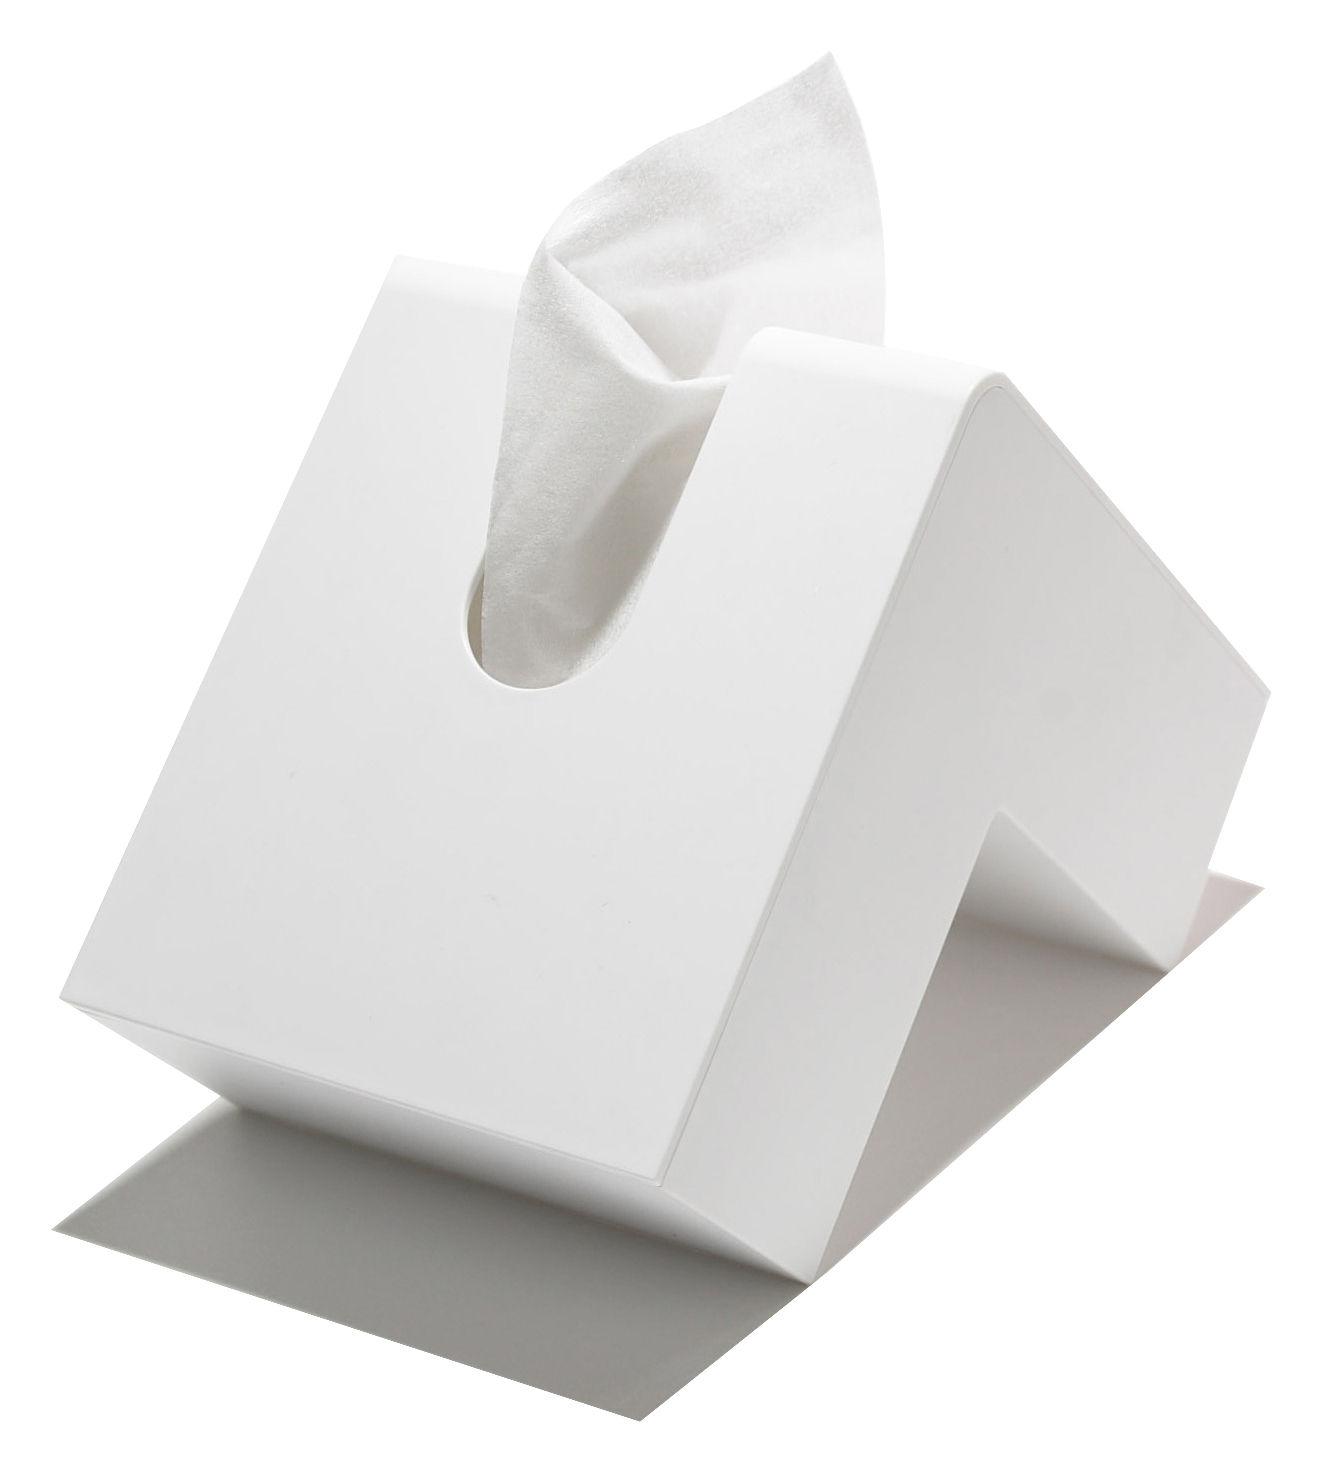 Decoration - For bathroom - Folio Tissue box by Pa Design - White - Plastic